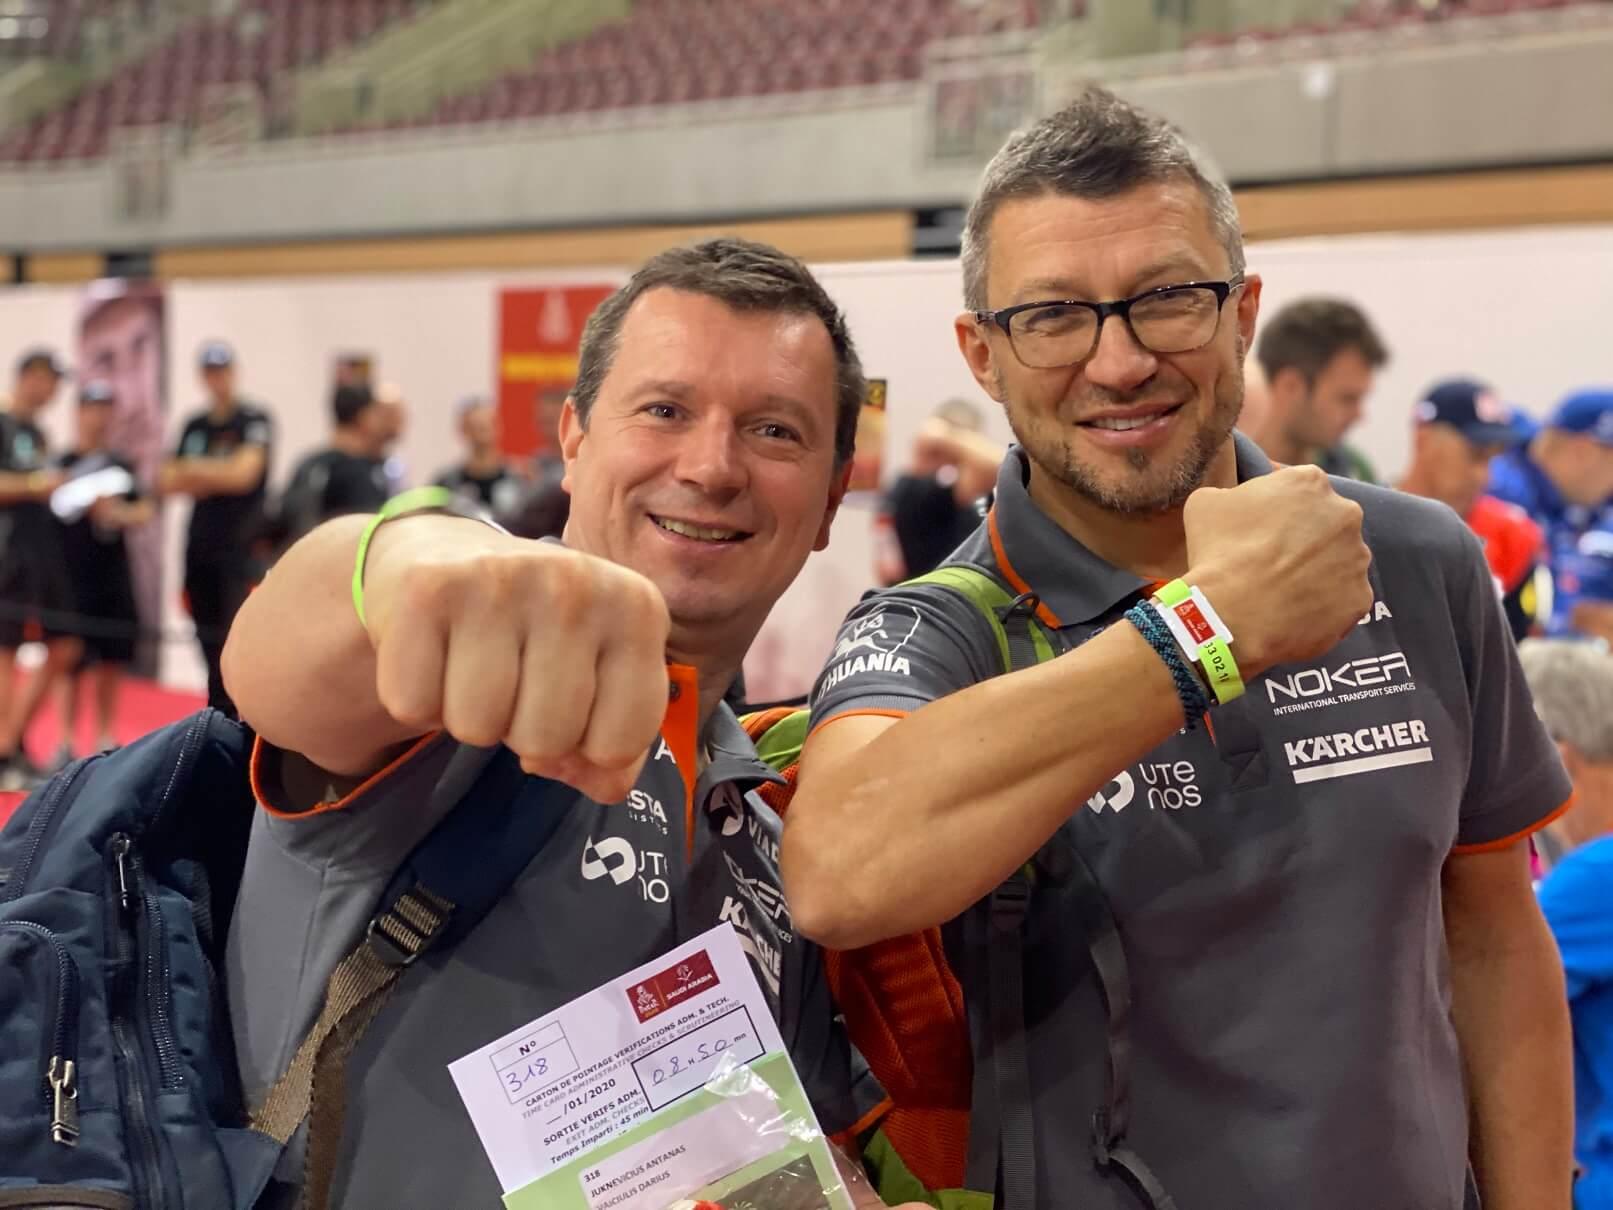 Visus formalumus prieš startą įveikęs A.Juknevičius pristatė Dakaro naujovę